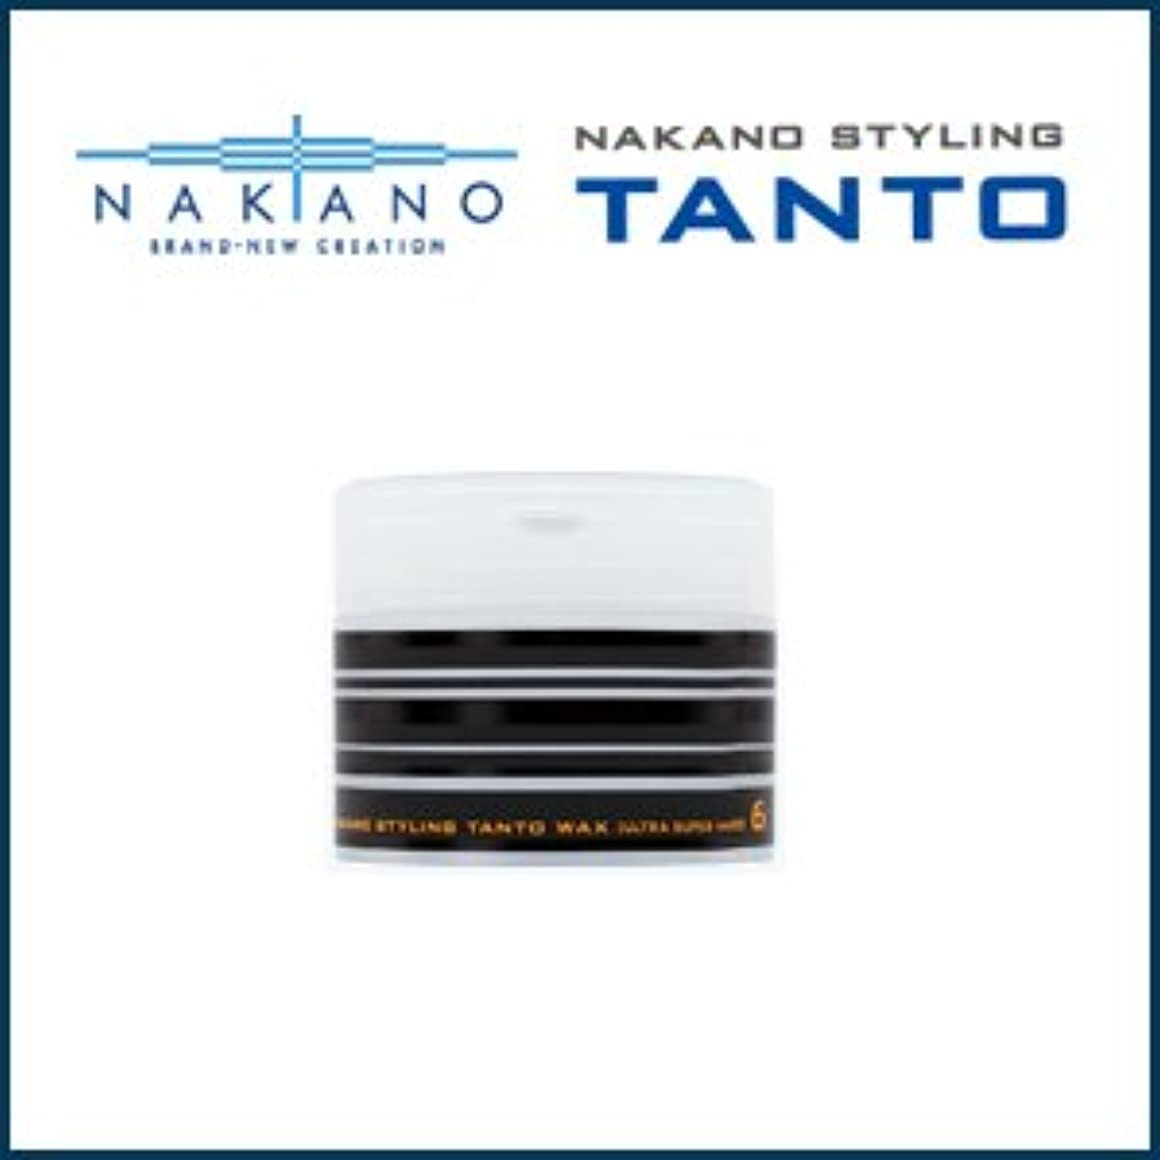 締めるモンキー吸収する【X3個セット】 ナカノ タント Nワックス 6 ウルトラスーパーハード 90g 容器入り